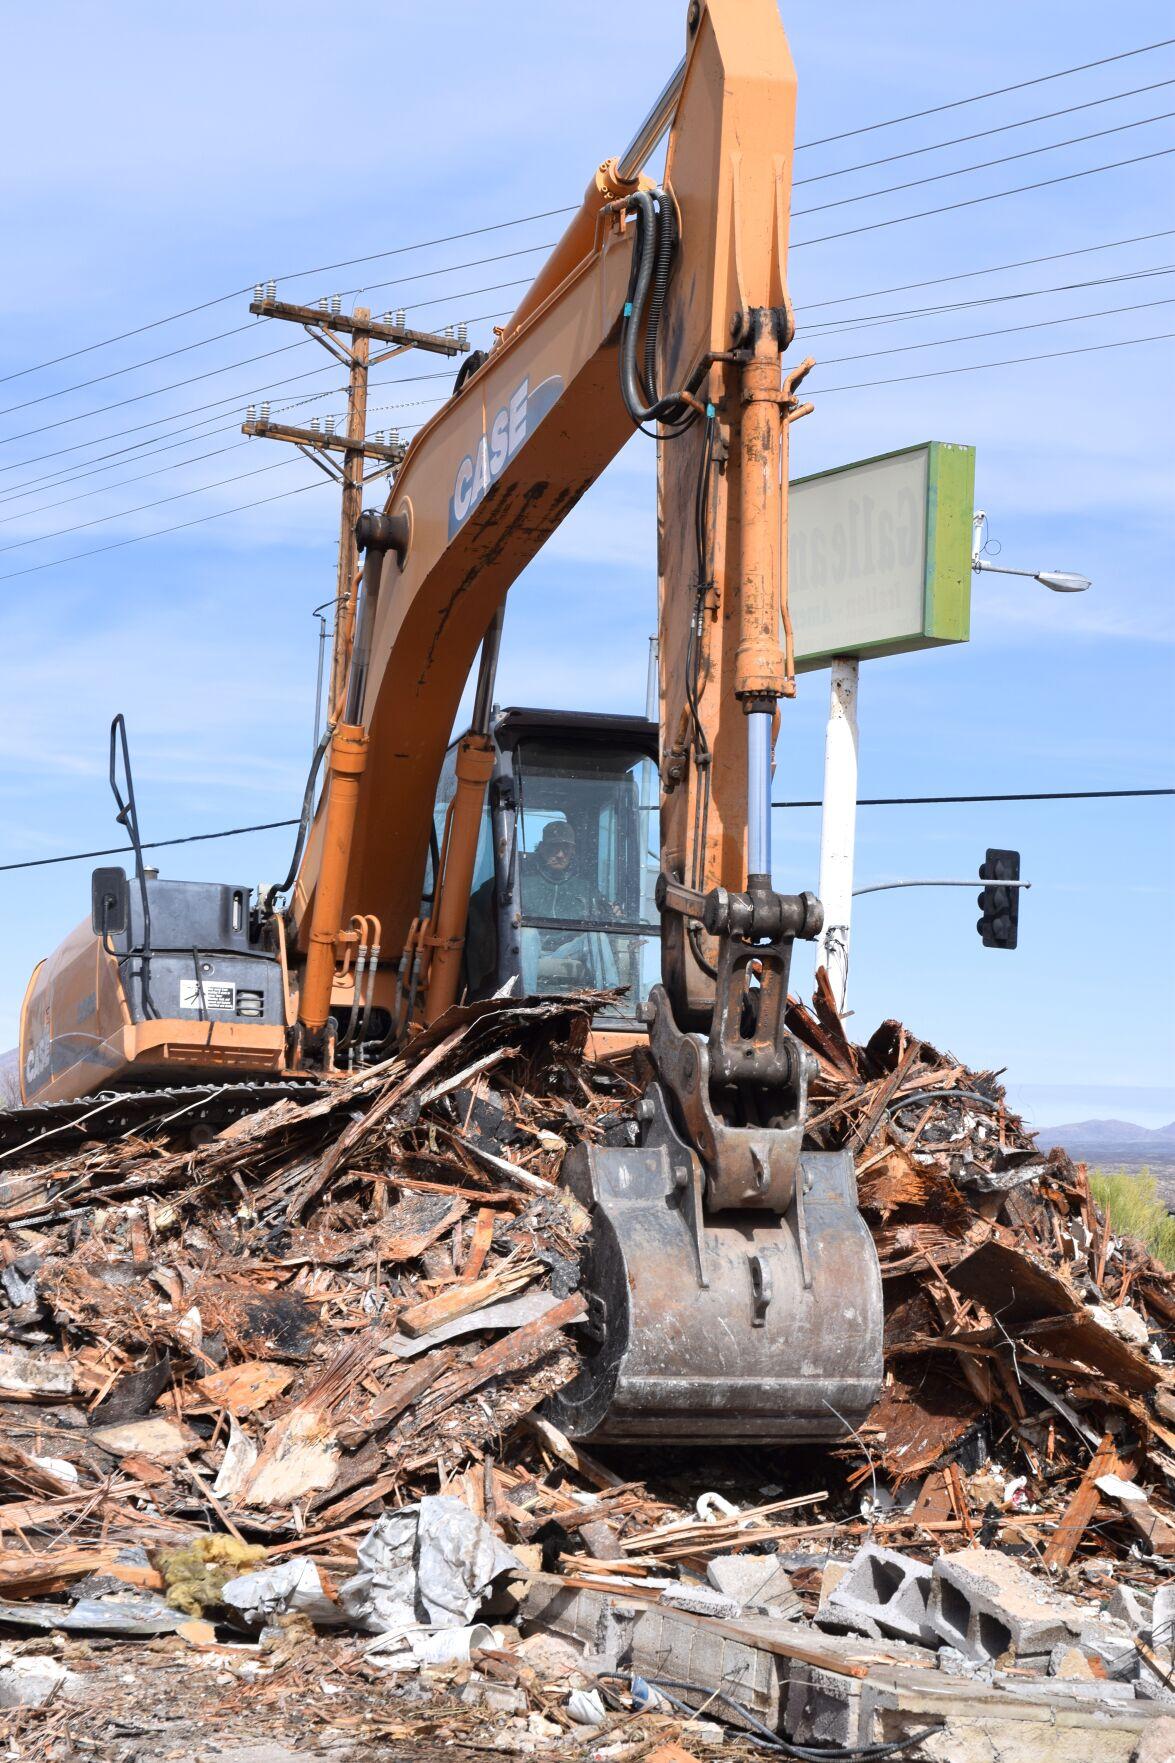 Galleano's Restaurant demolition saddens locals